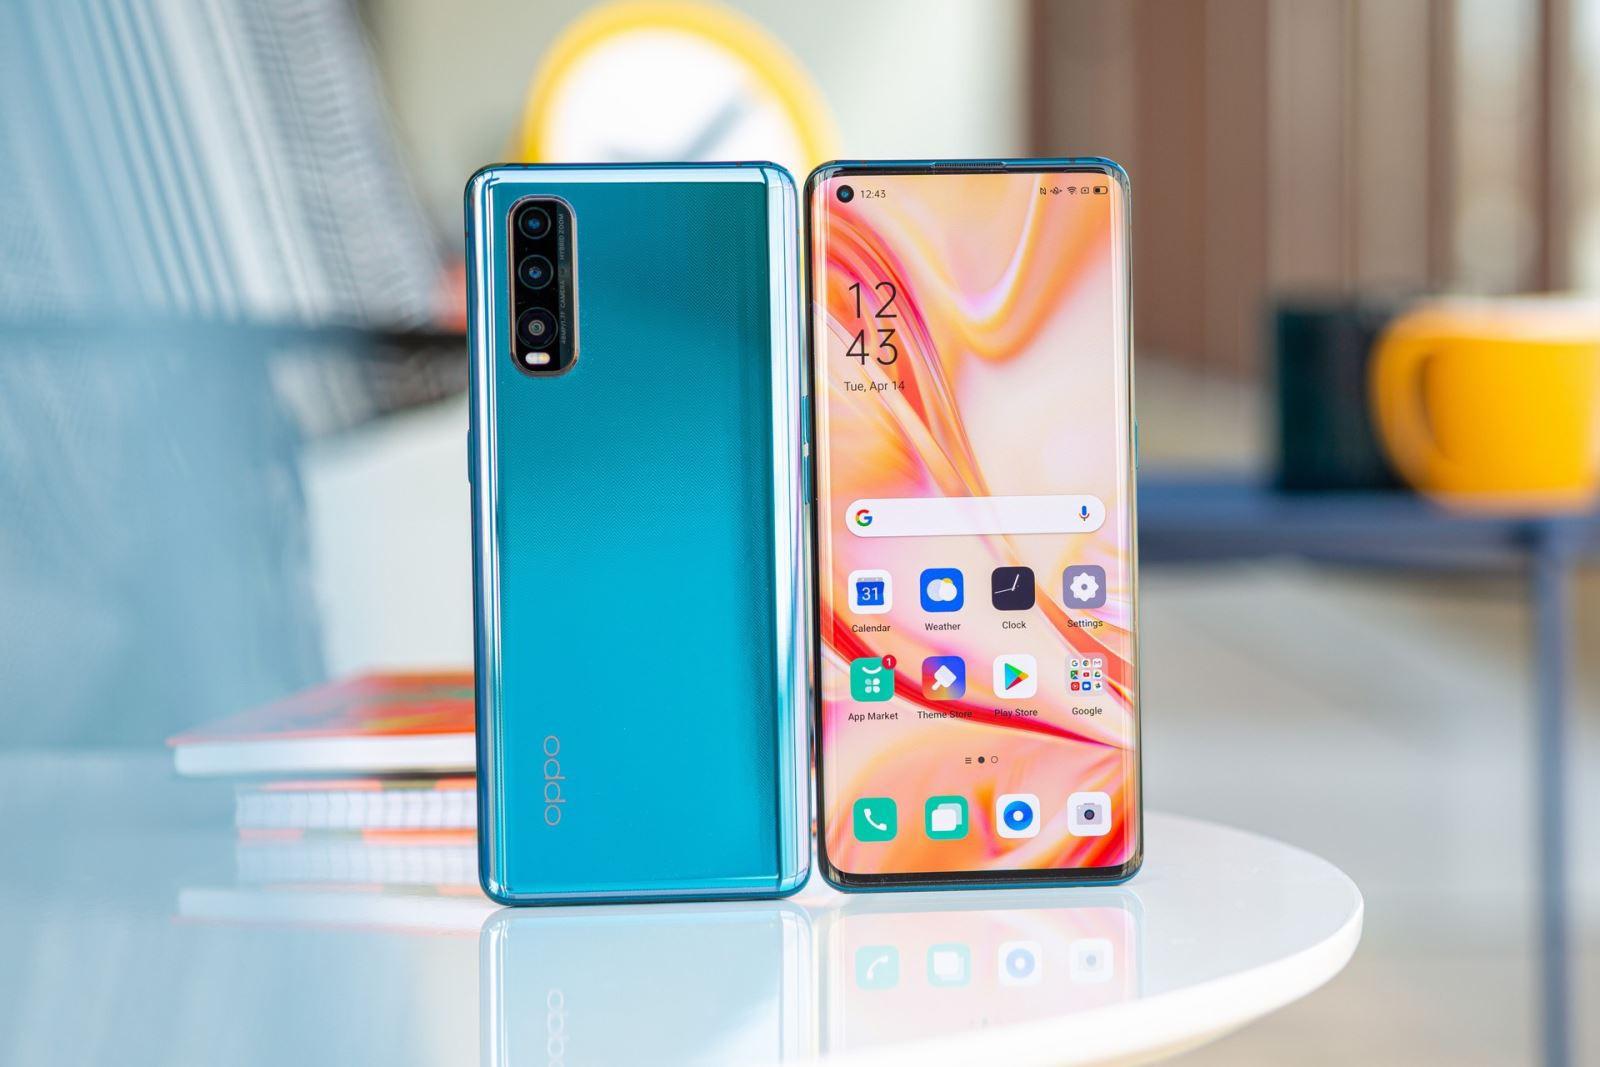 Thiết kế OPPO Find X2 liệu có xứng là smartphone cao cấp?